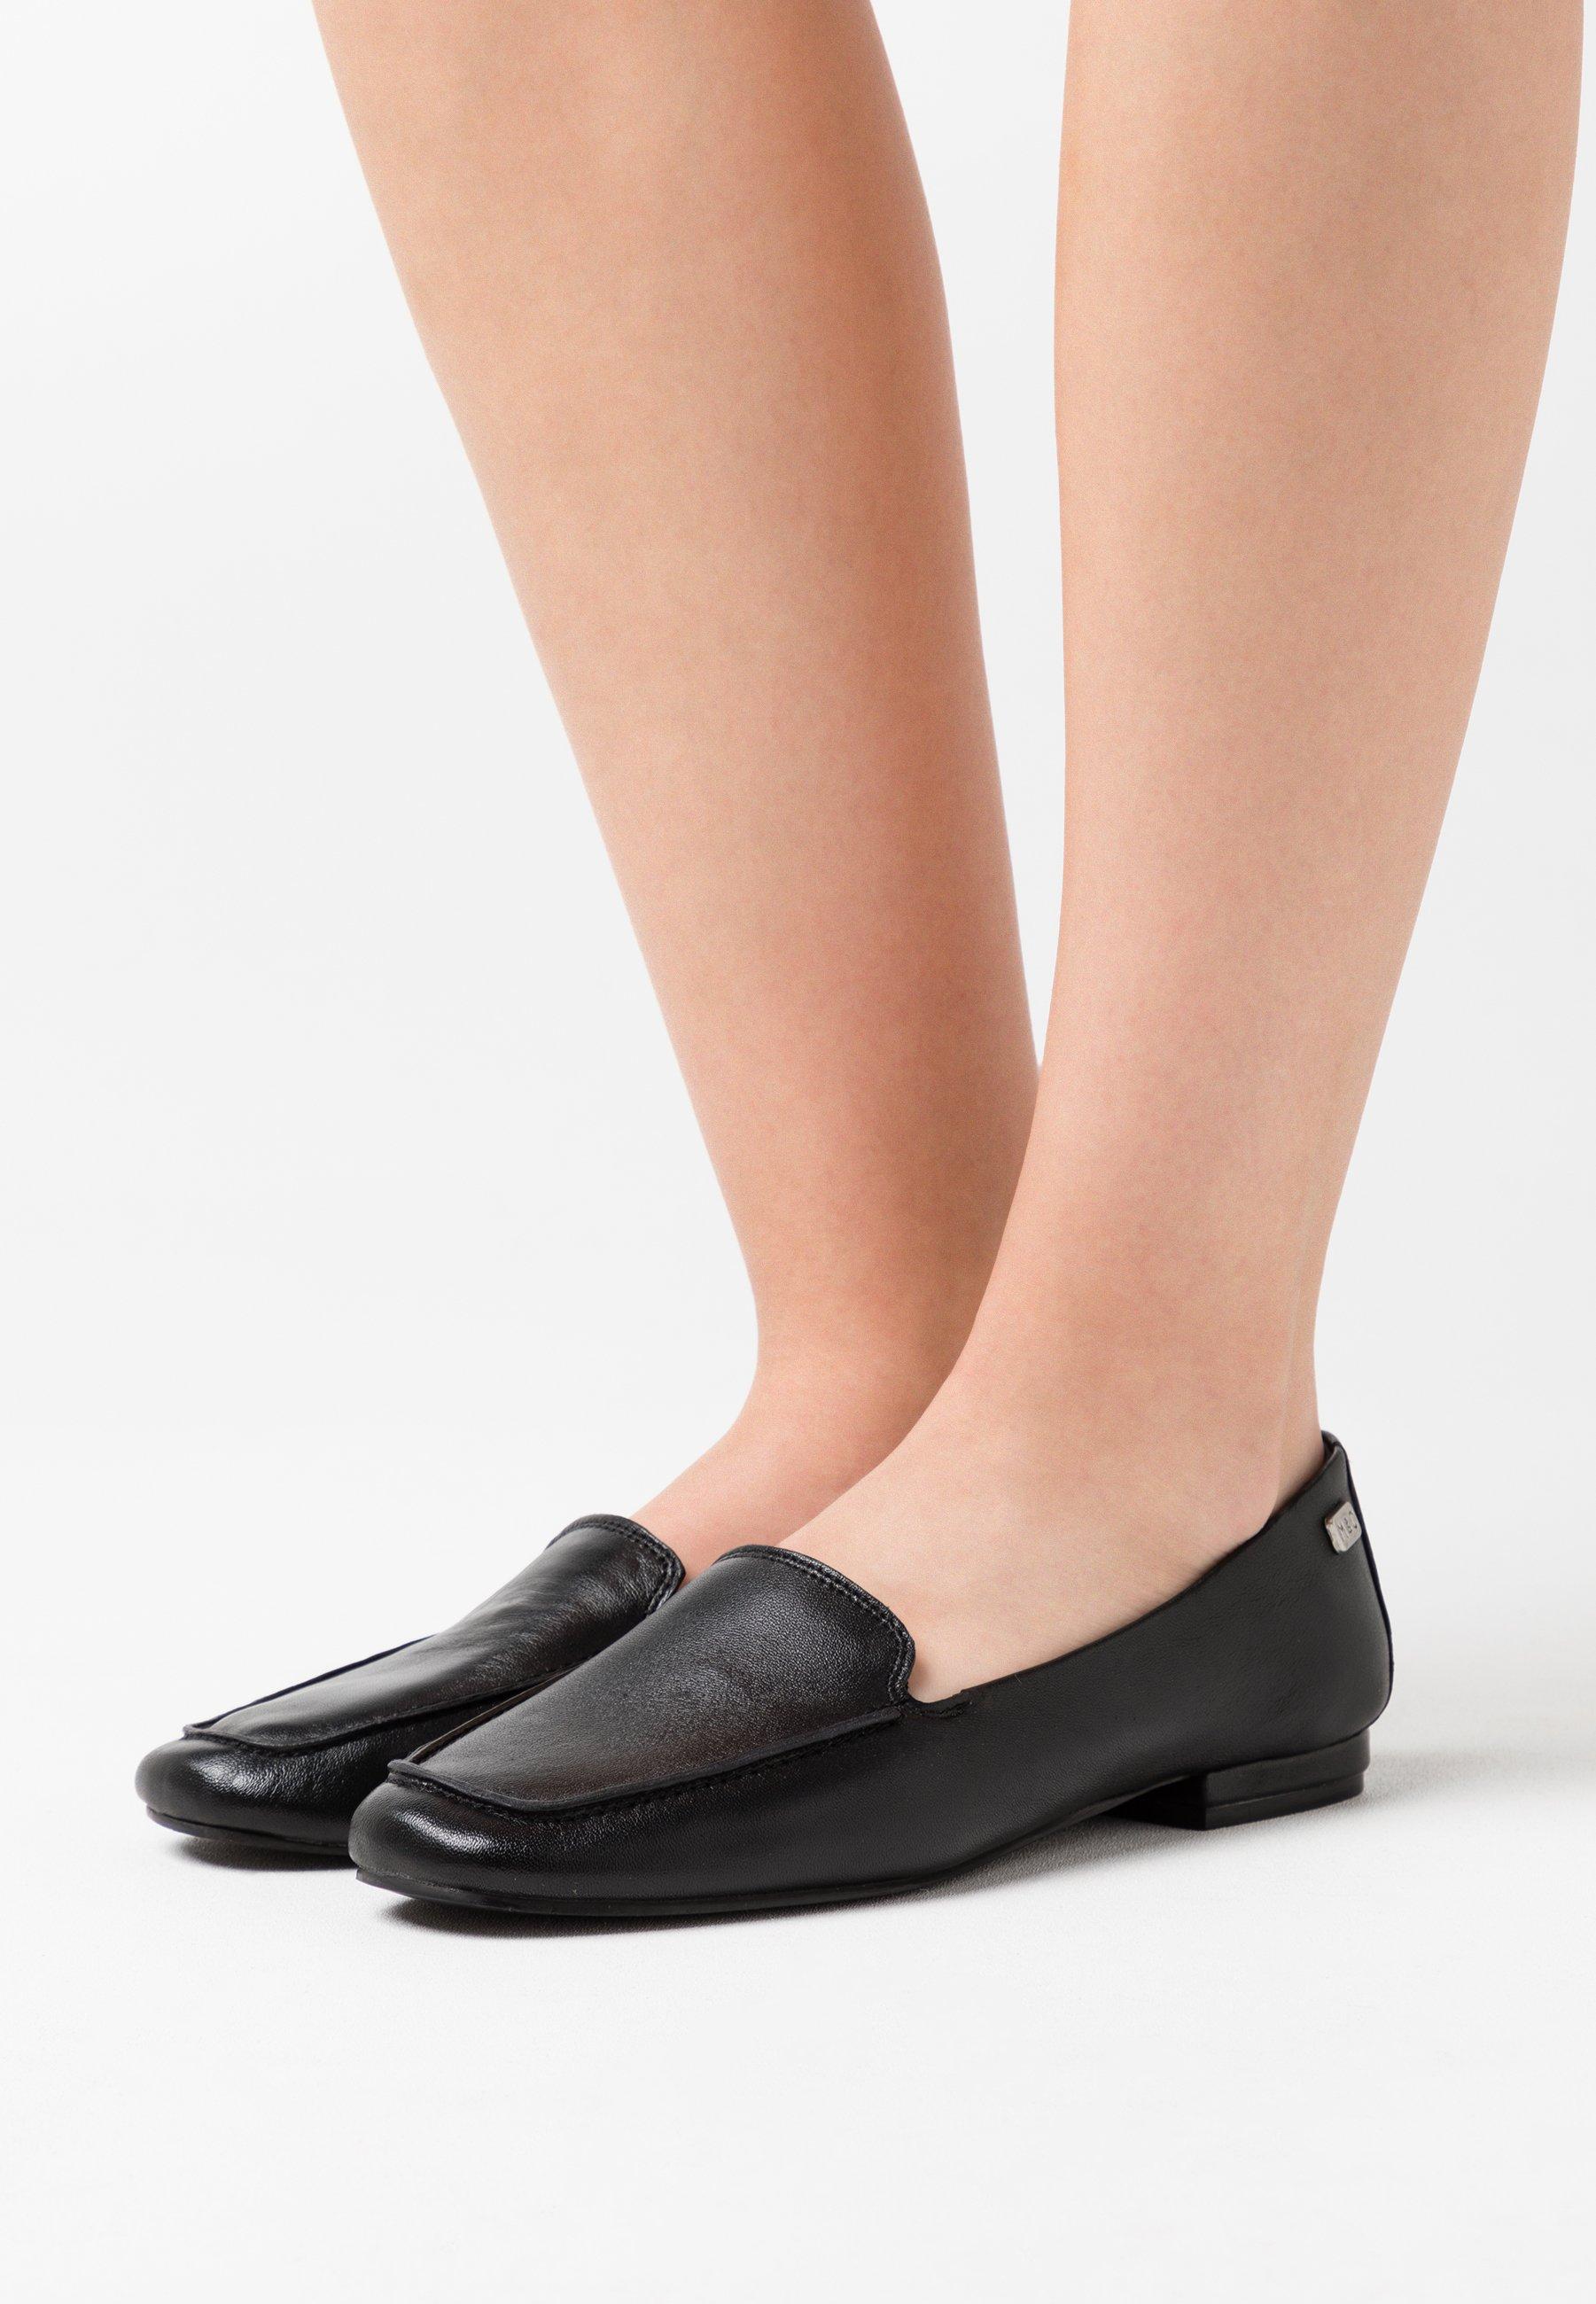 Women ROMY - Slip-ons - black